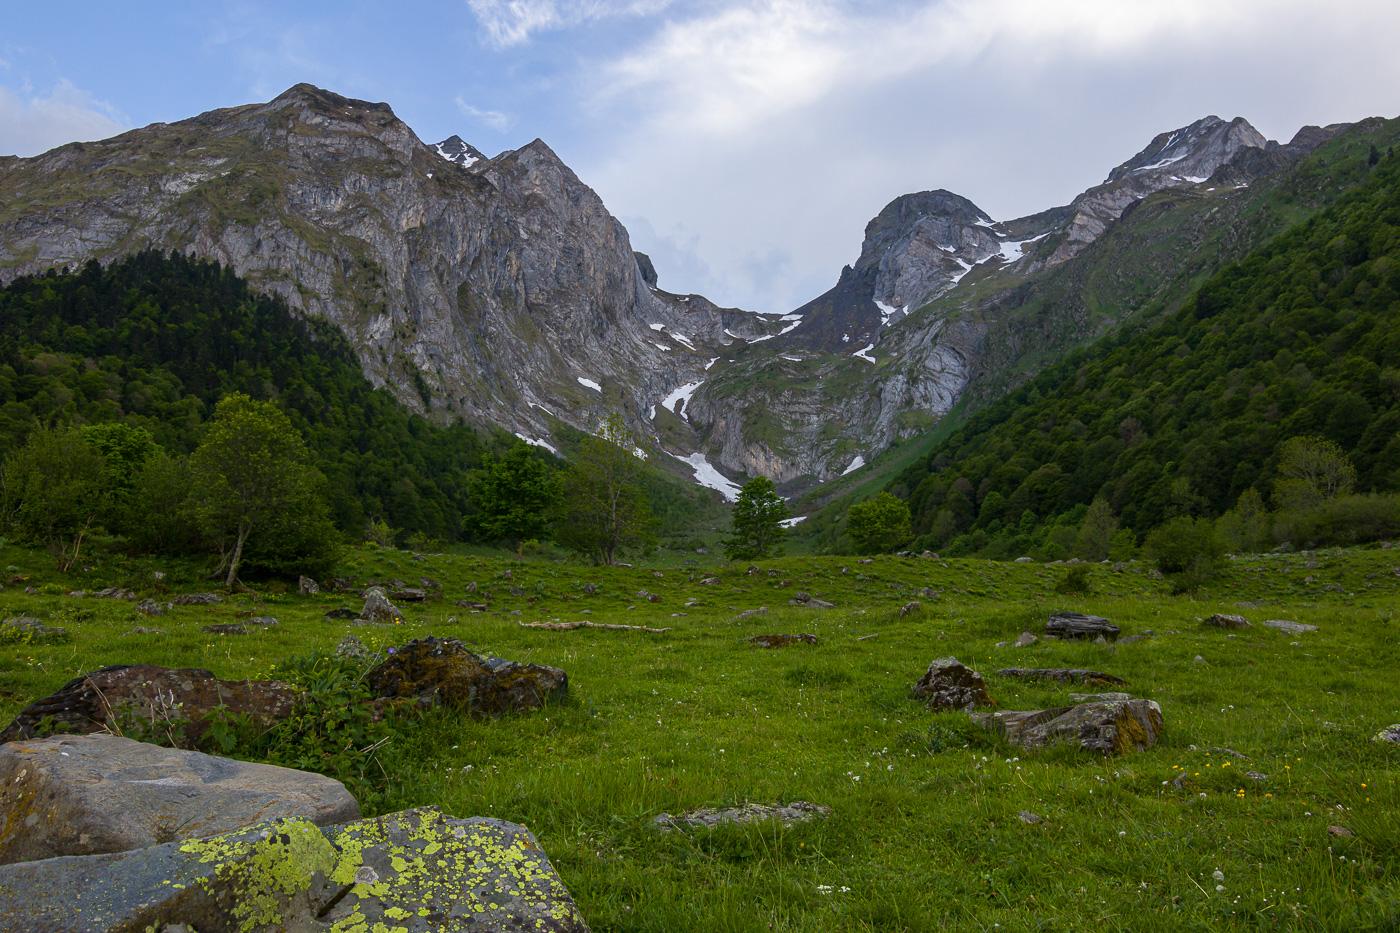 Vall glacial - Fotografies de paisatges - Raül Carmona - Fotografia, Fotografia d'estudi, esdeveniments i Natura